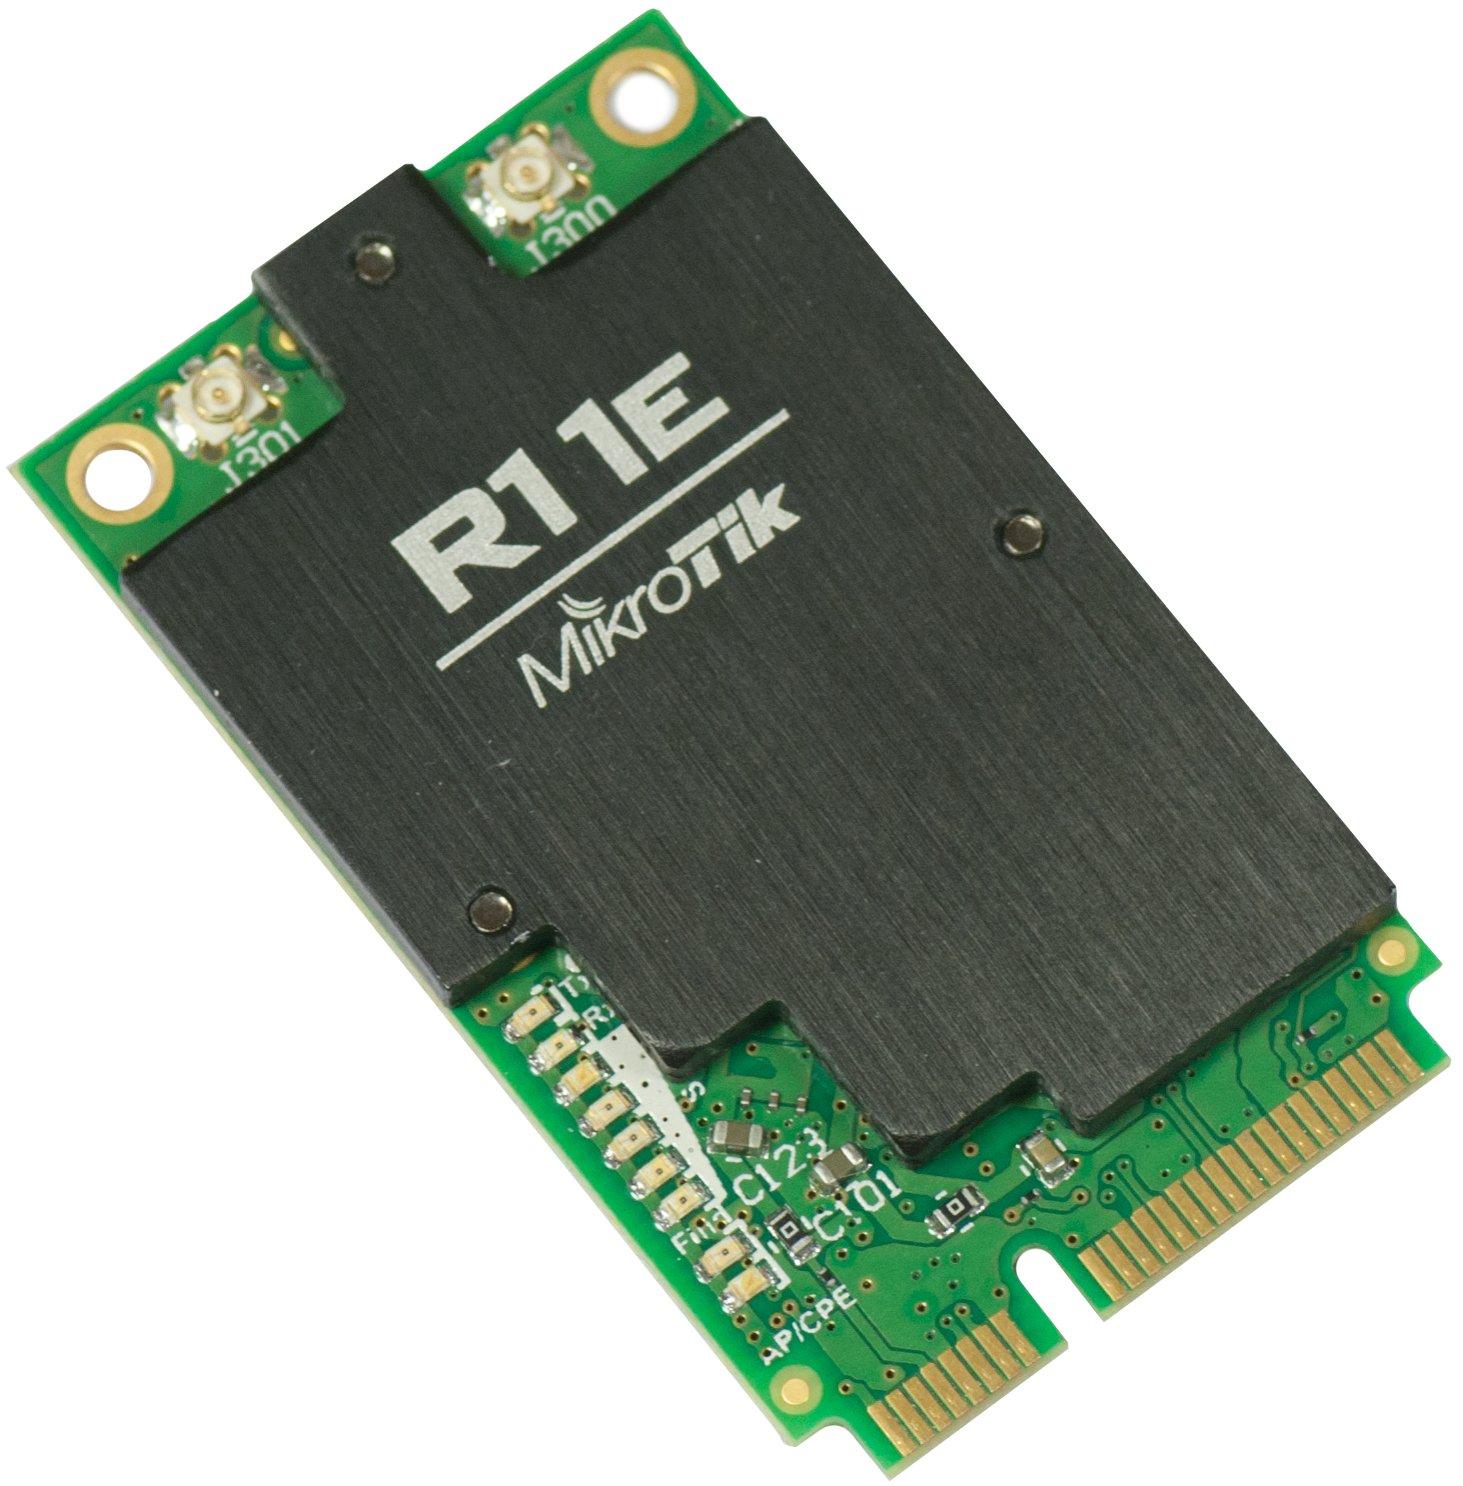 Conectividad y Redes > <b>Routers</b>